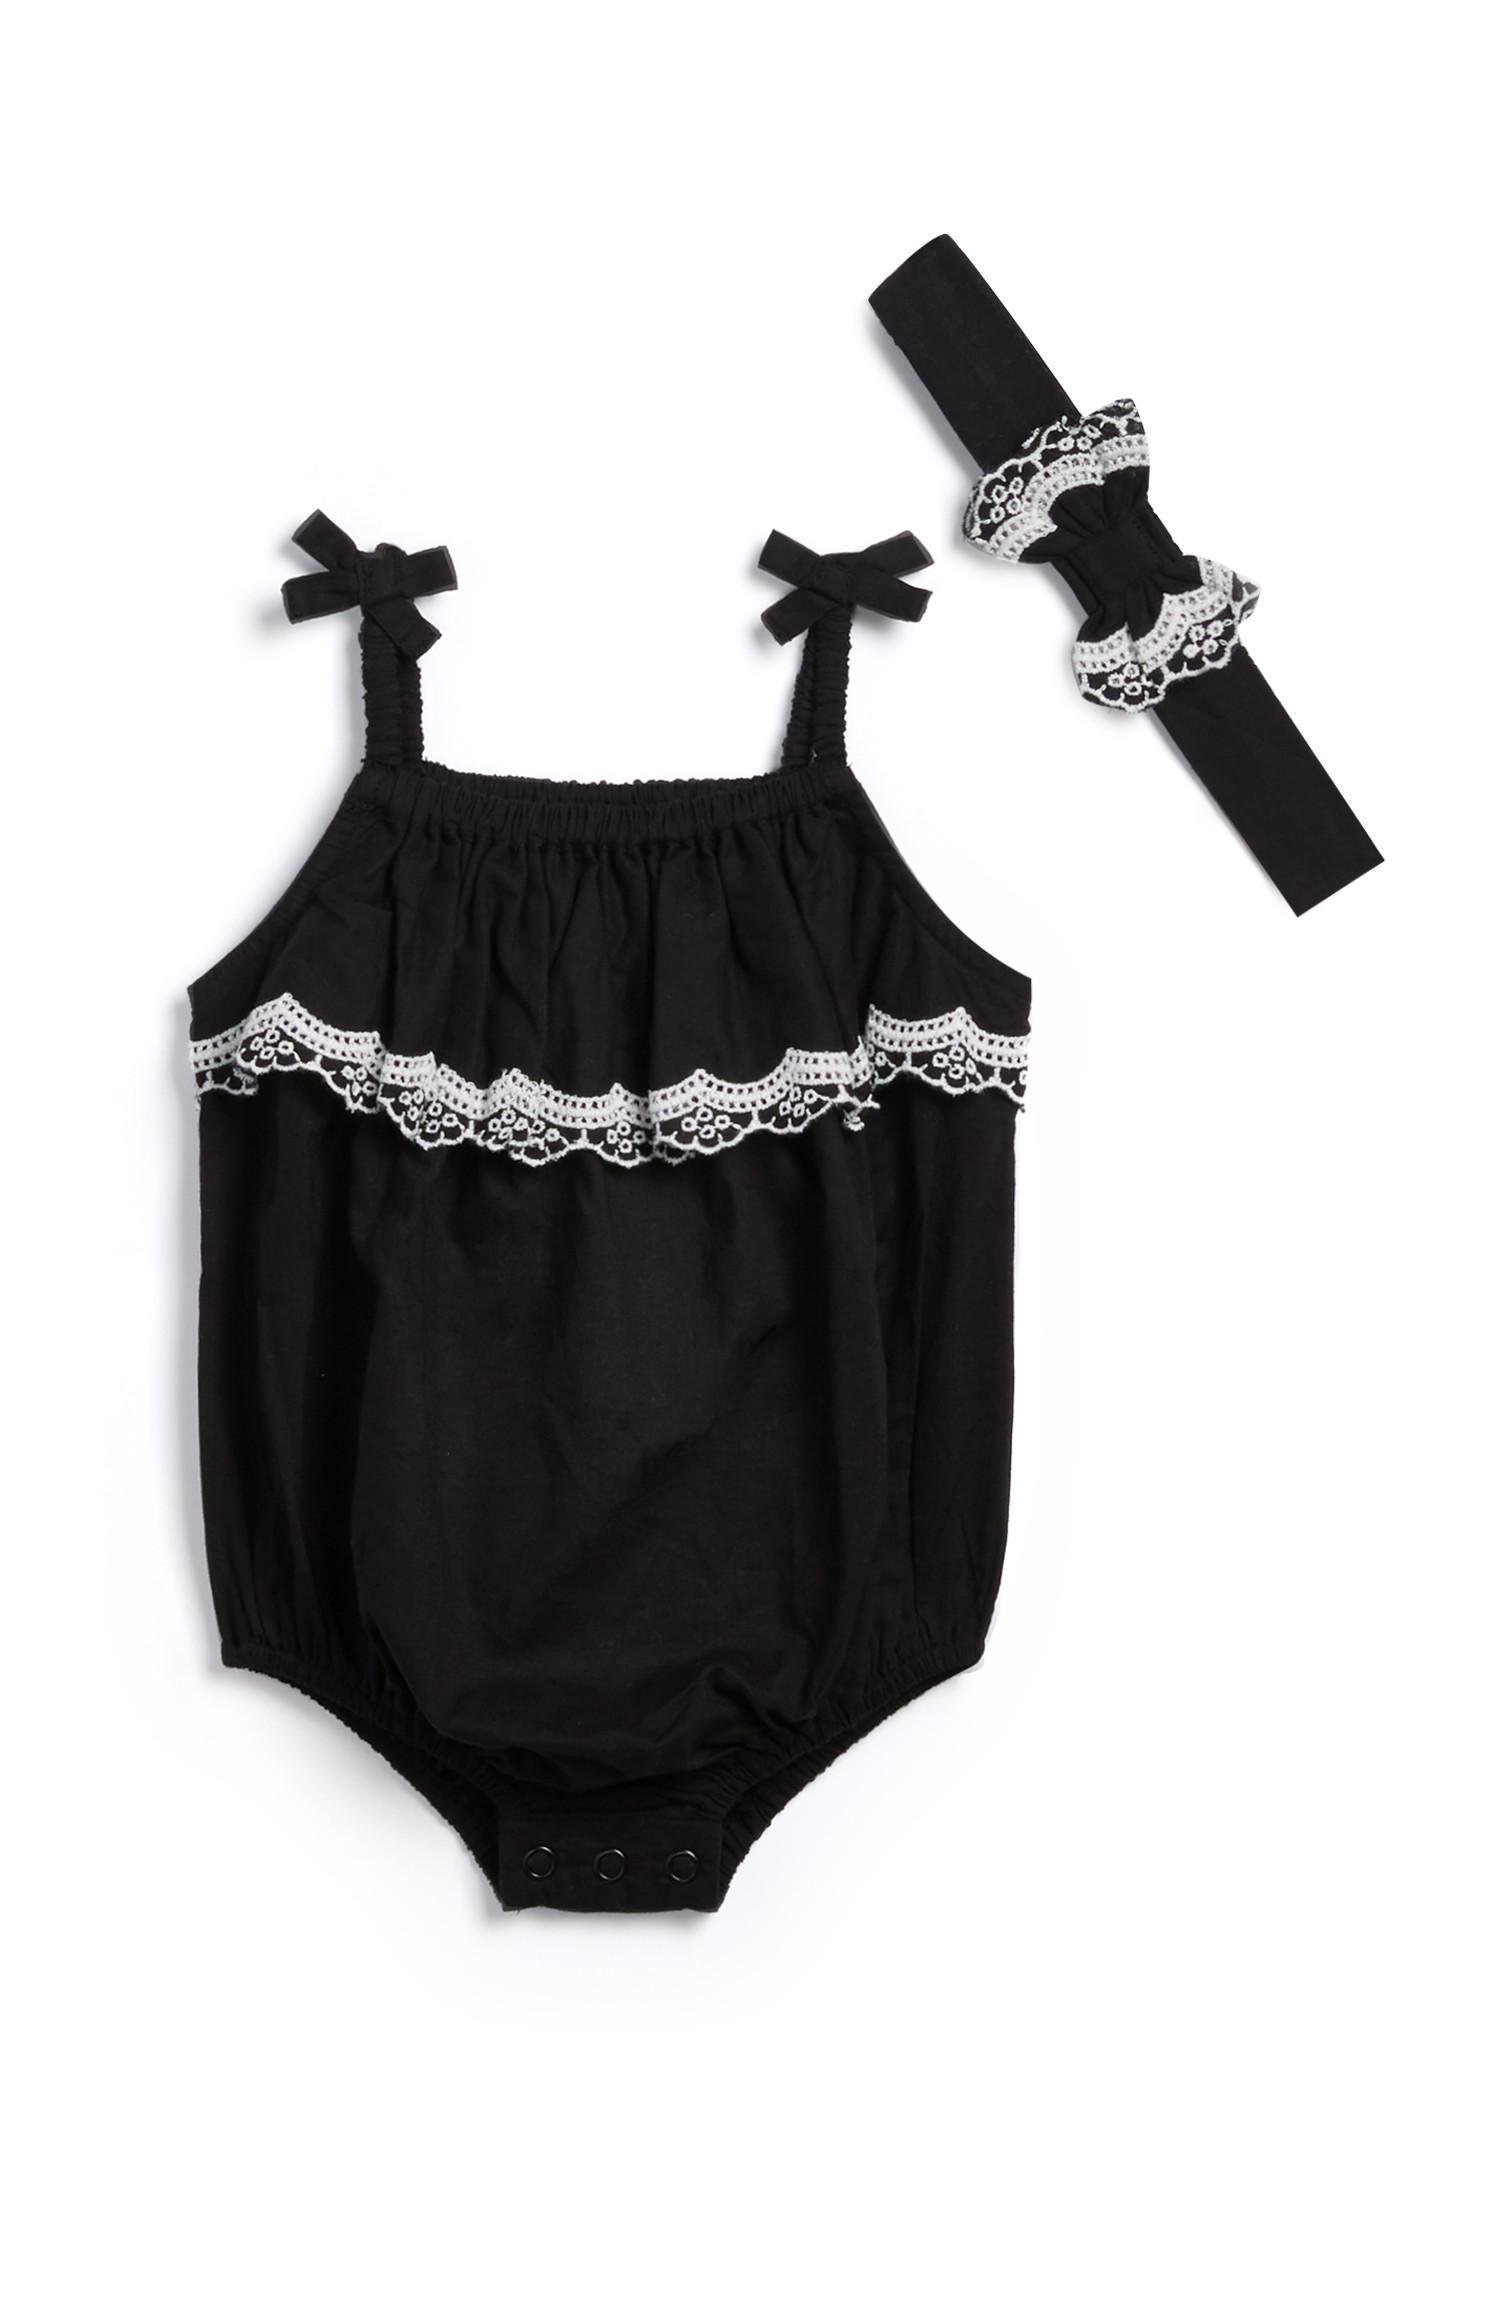 Newborn Girl Black Romper 2pc Outfit